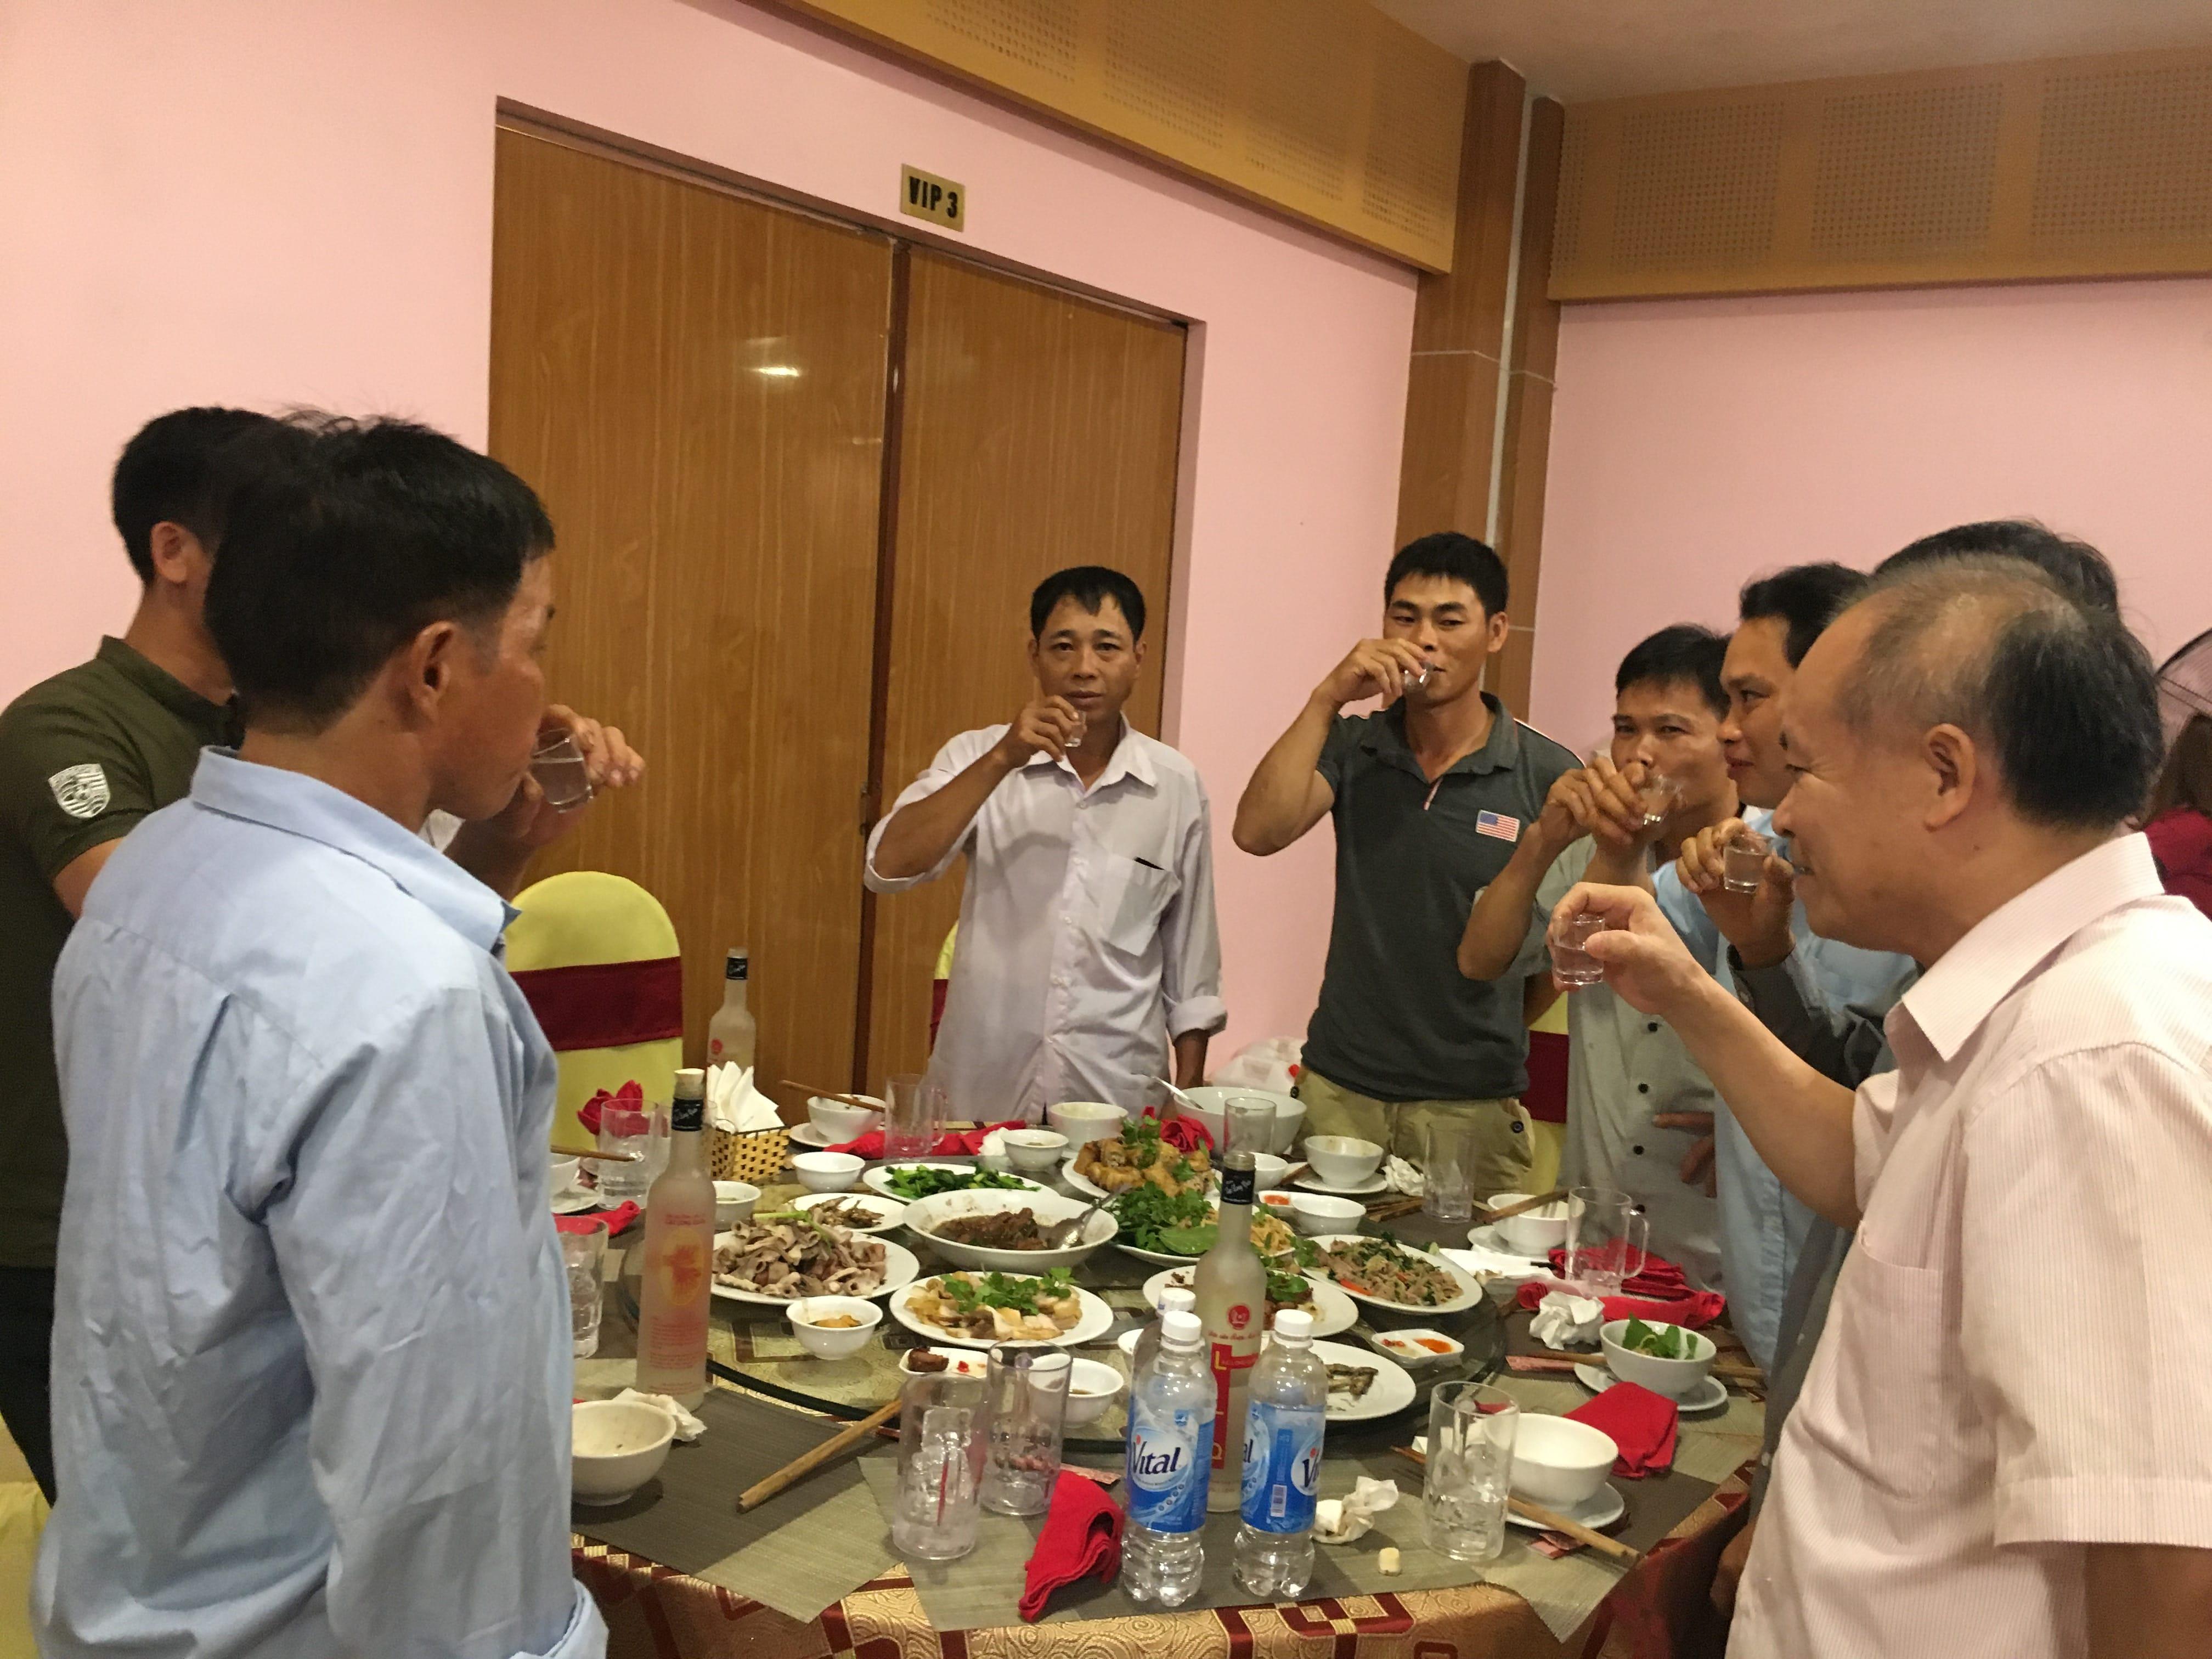 Thầy Đỗ Tuấn Khiêm -  Giám đốc Sở Khoa học Công nghệ, chúc các hộ nông dân có 1 chuyến tham quan học tập kinh nghiệm bổ ích